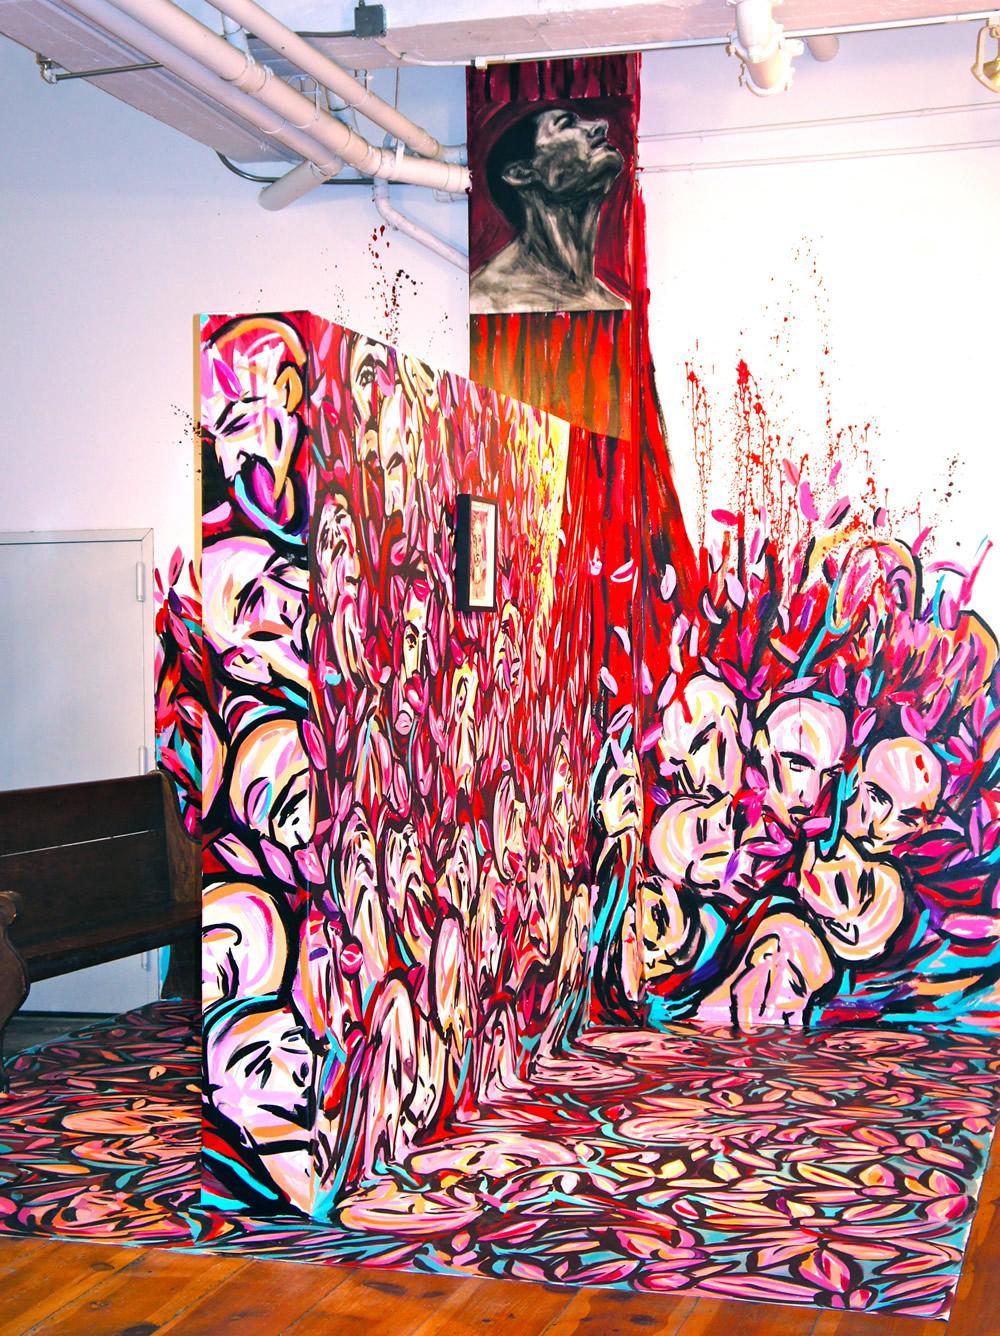 Nigel Nolan - Buenos Aires, Argentina artist